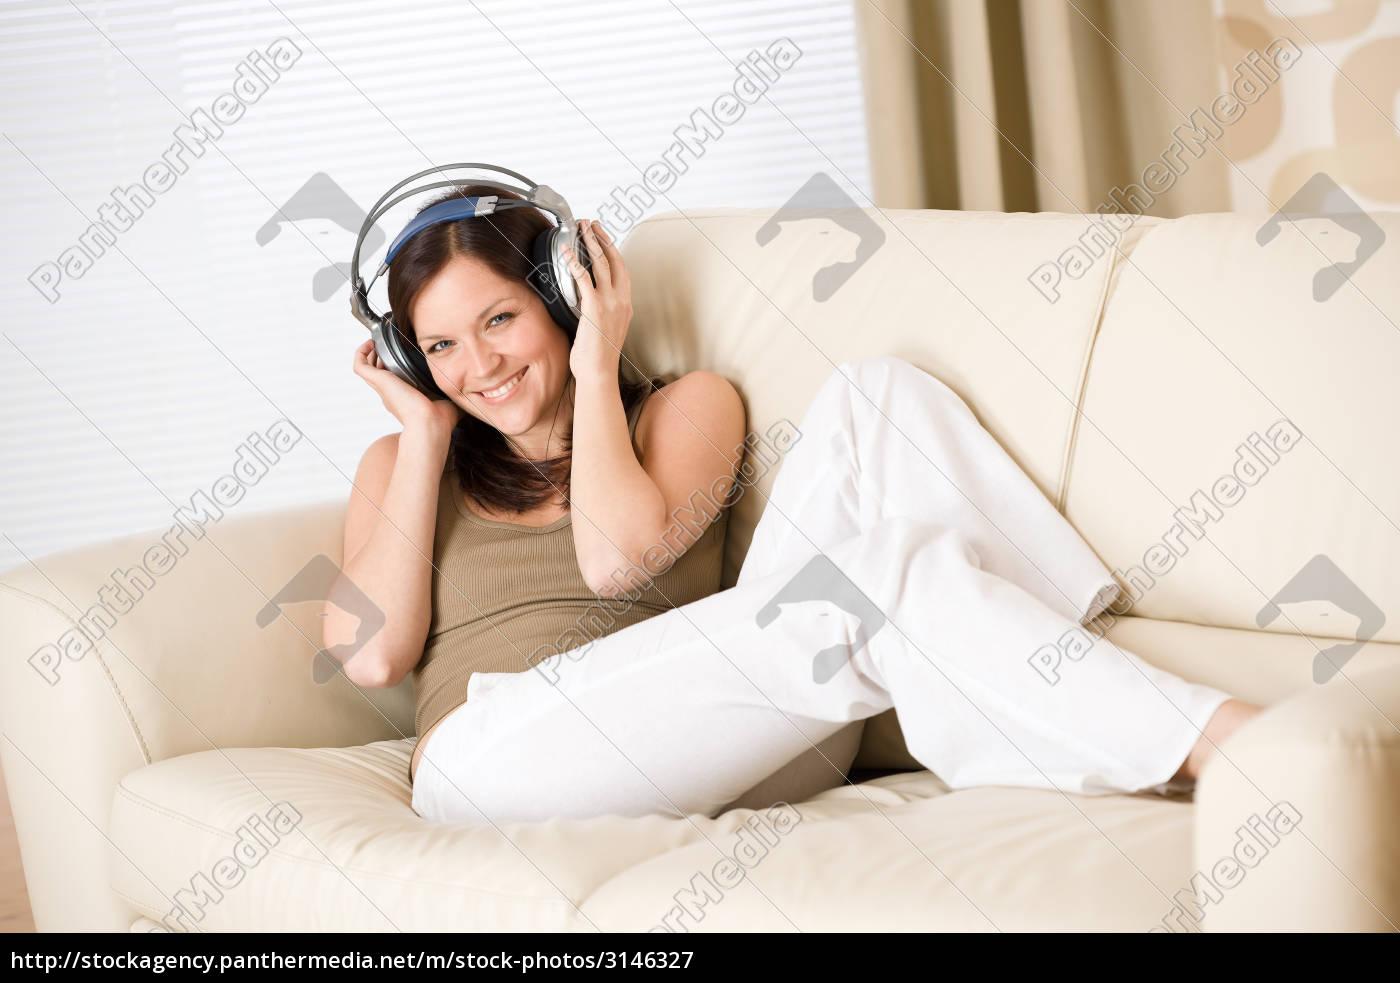 happy, woman, with, headphones, on, sofa - 3146327